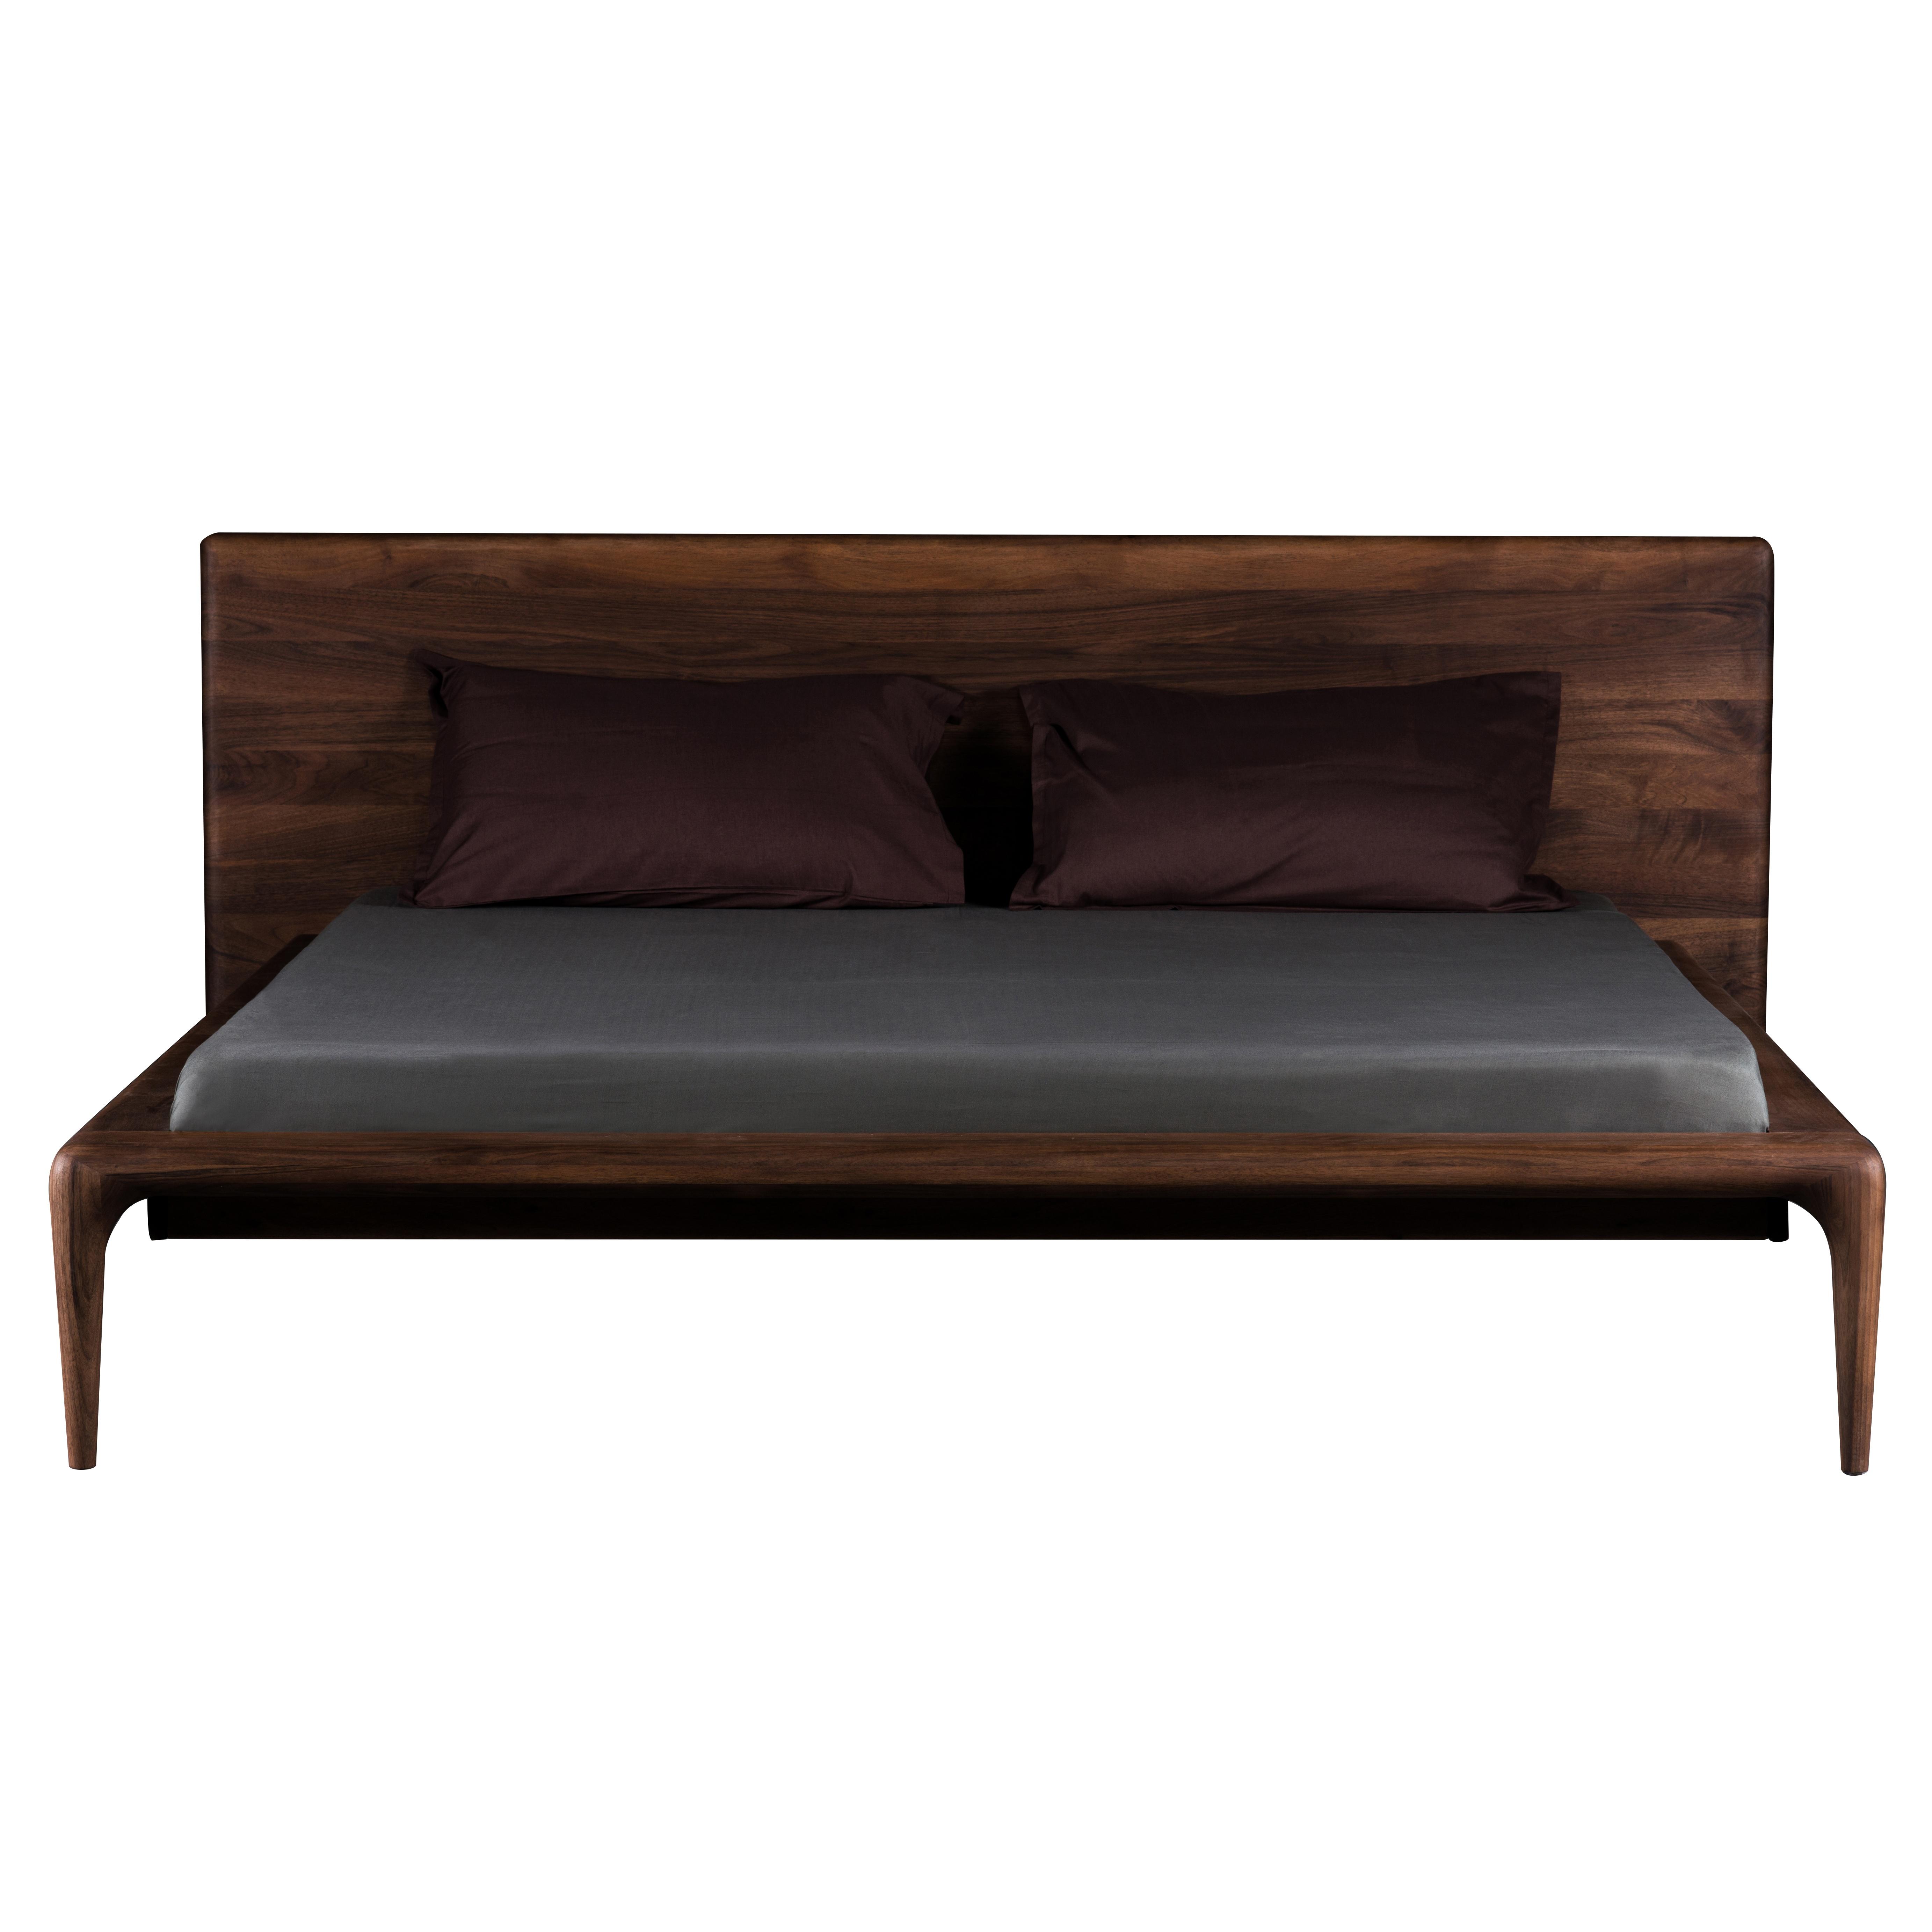 Artisan Latus Bed Bespoke Hardwood Furniture From Treske